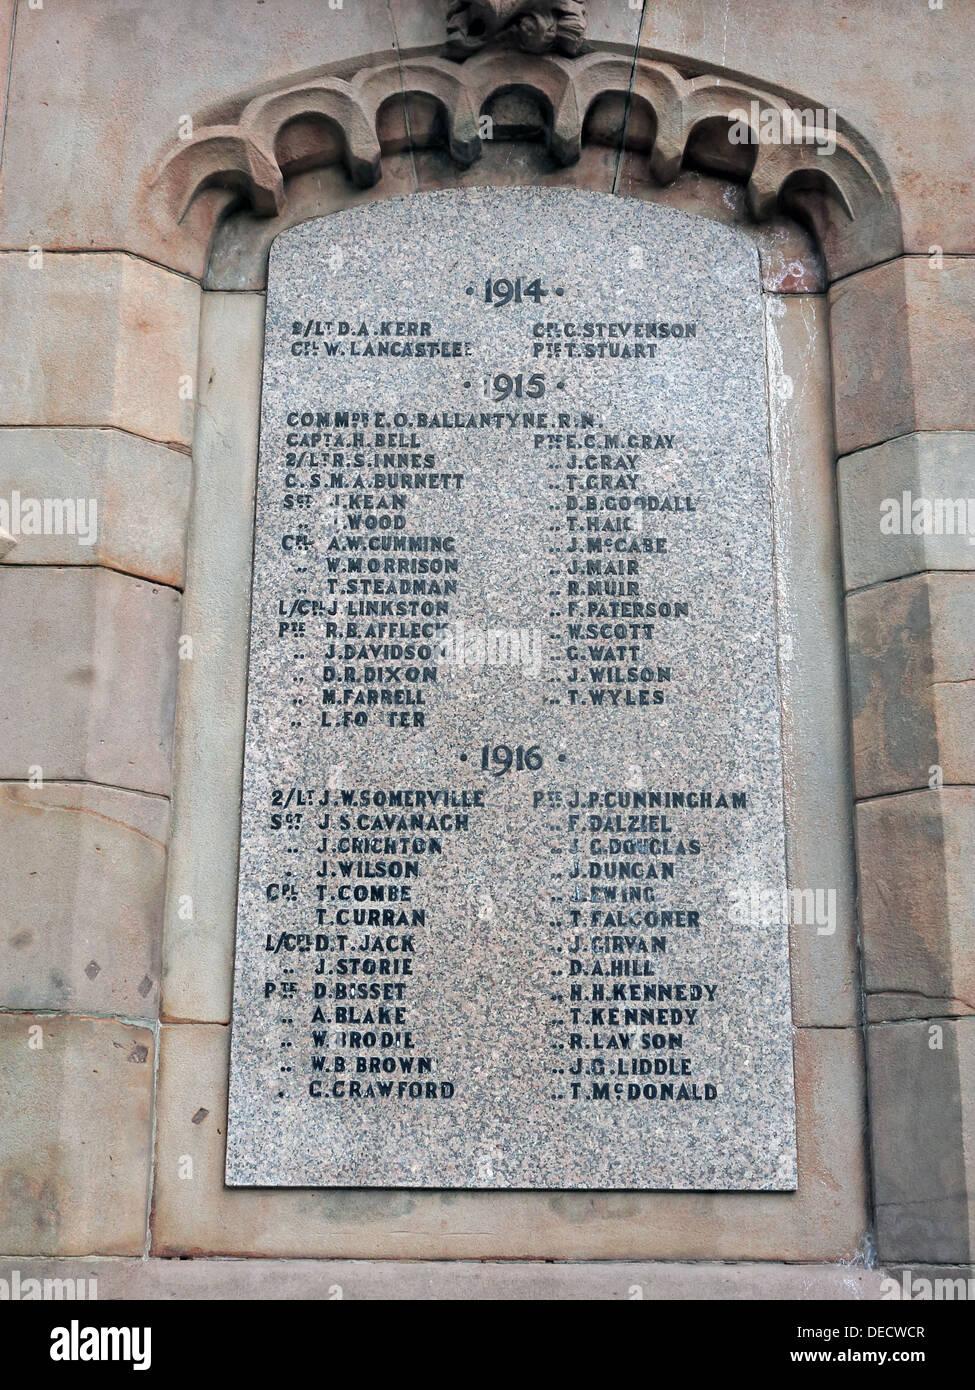 Laden Sie dieses Alamy Stockfoto Inschriften auf Dalkeith Kriegerdenkmal 1914-19, Midlothian, Scotland, UK - Liste der Männer - DECWCR